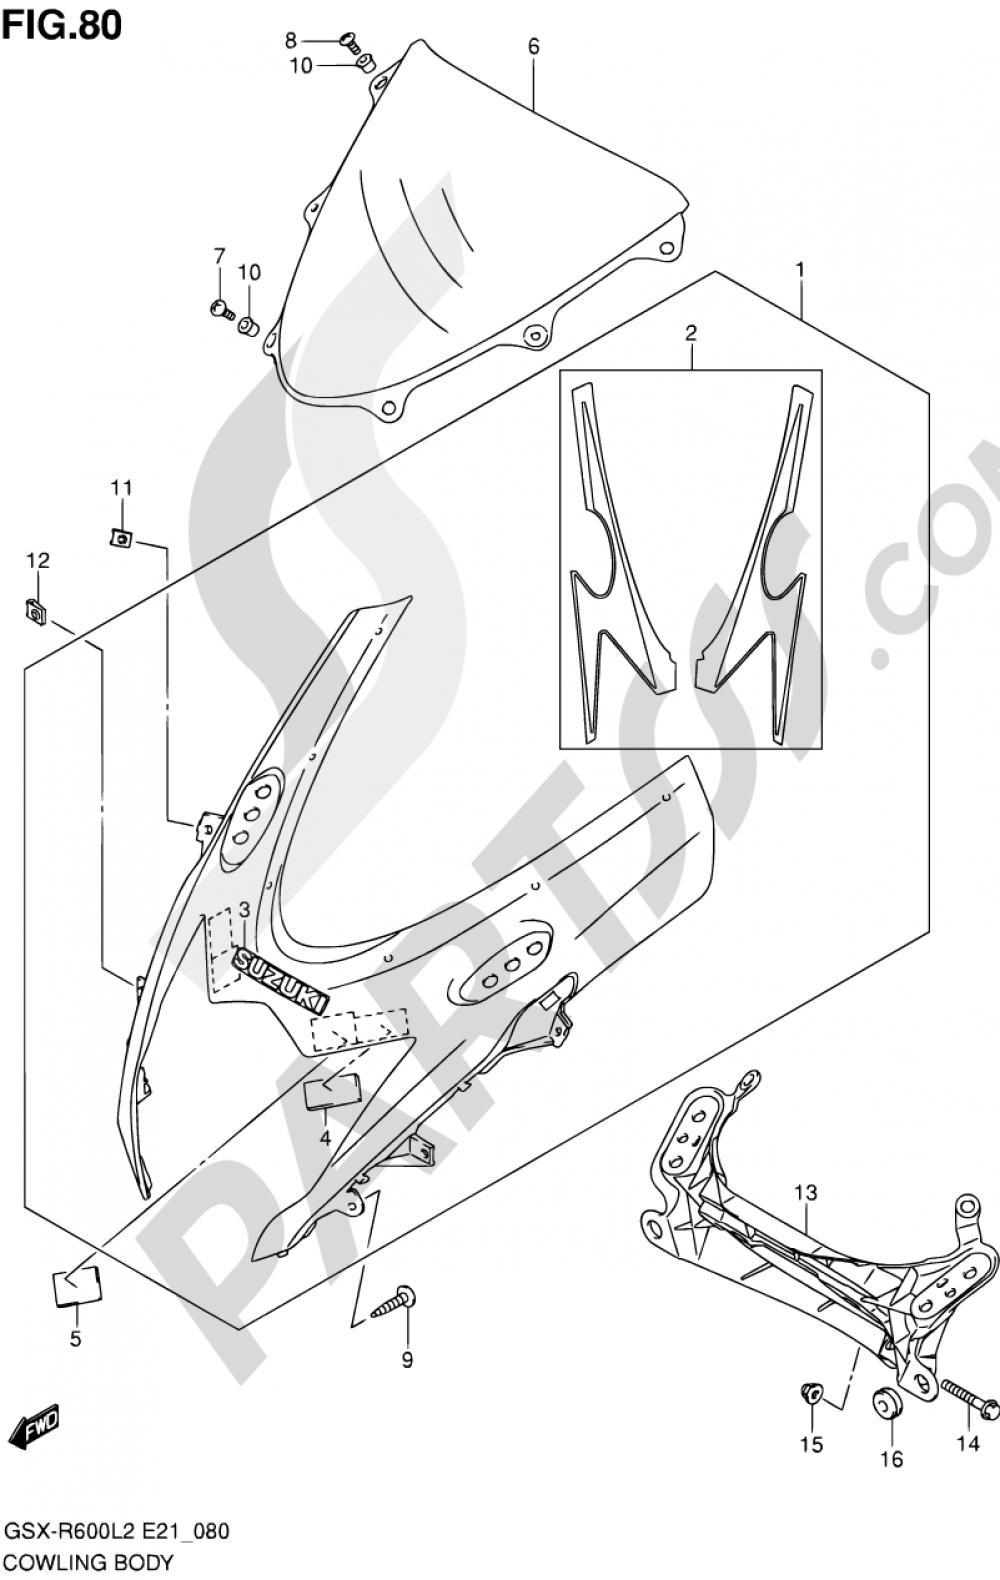 80 - COWLING BODY (GSX-R600L2 E24) Suzuki GSX-R600 2012